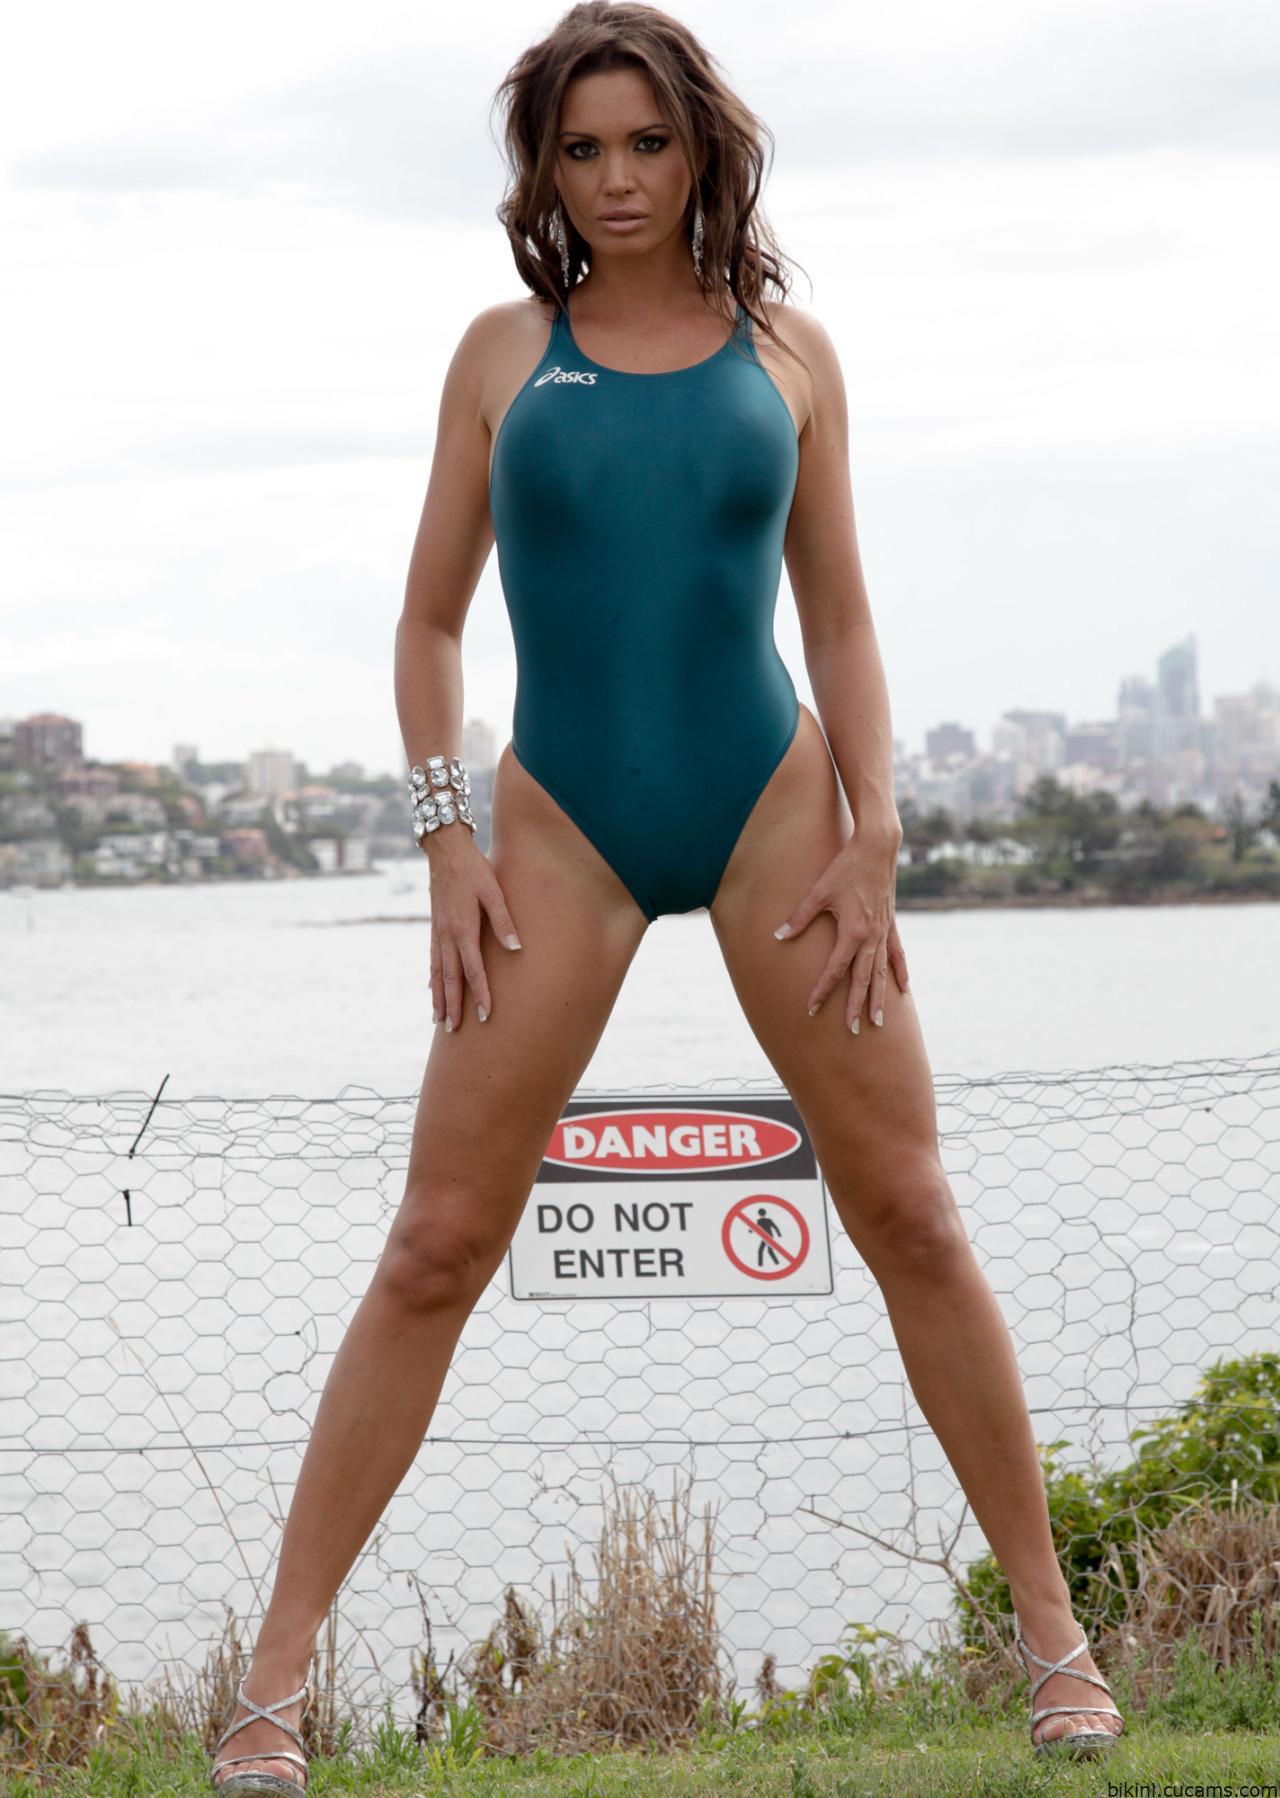 Bikini Pussylips Nerdy by bikini.cucams.com